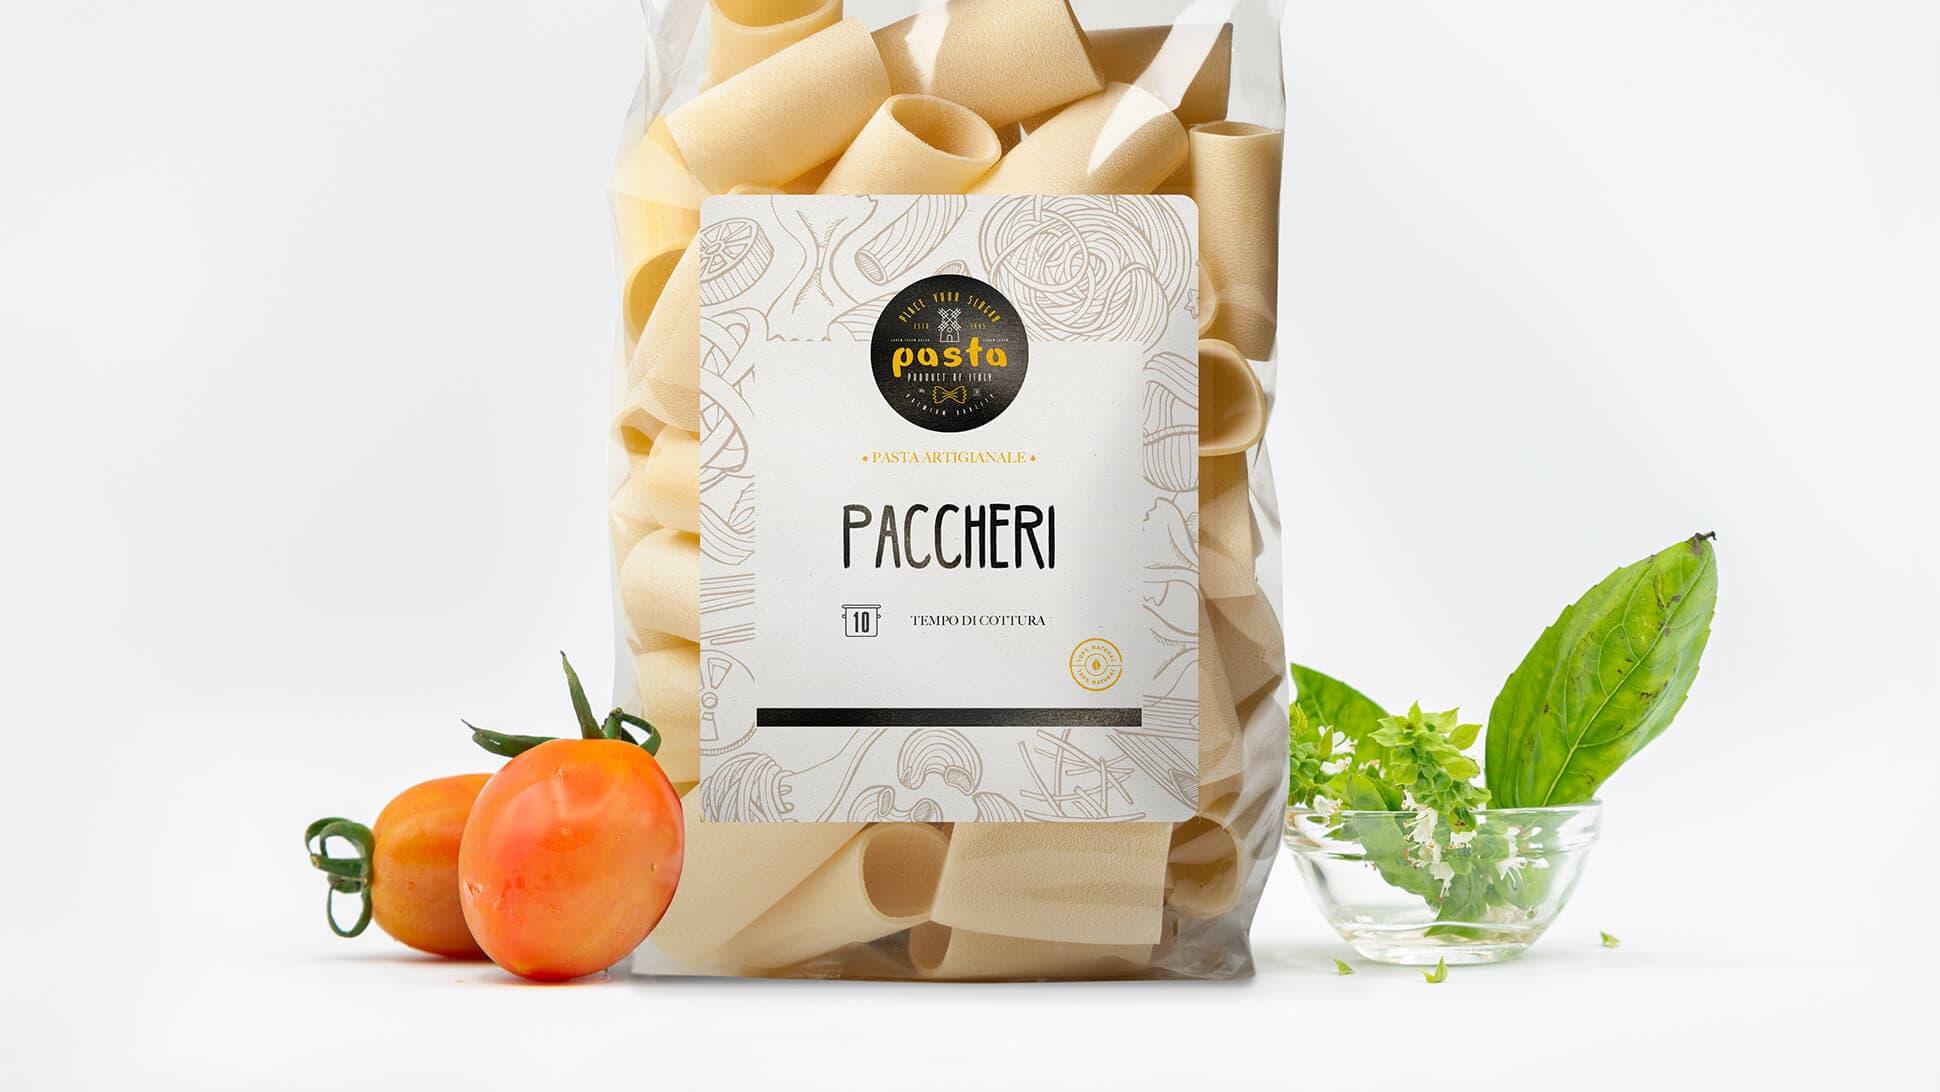 Etichette in carta bianca non patinata per confezioni alimentari | tictac.it